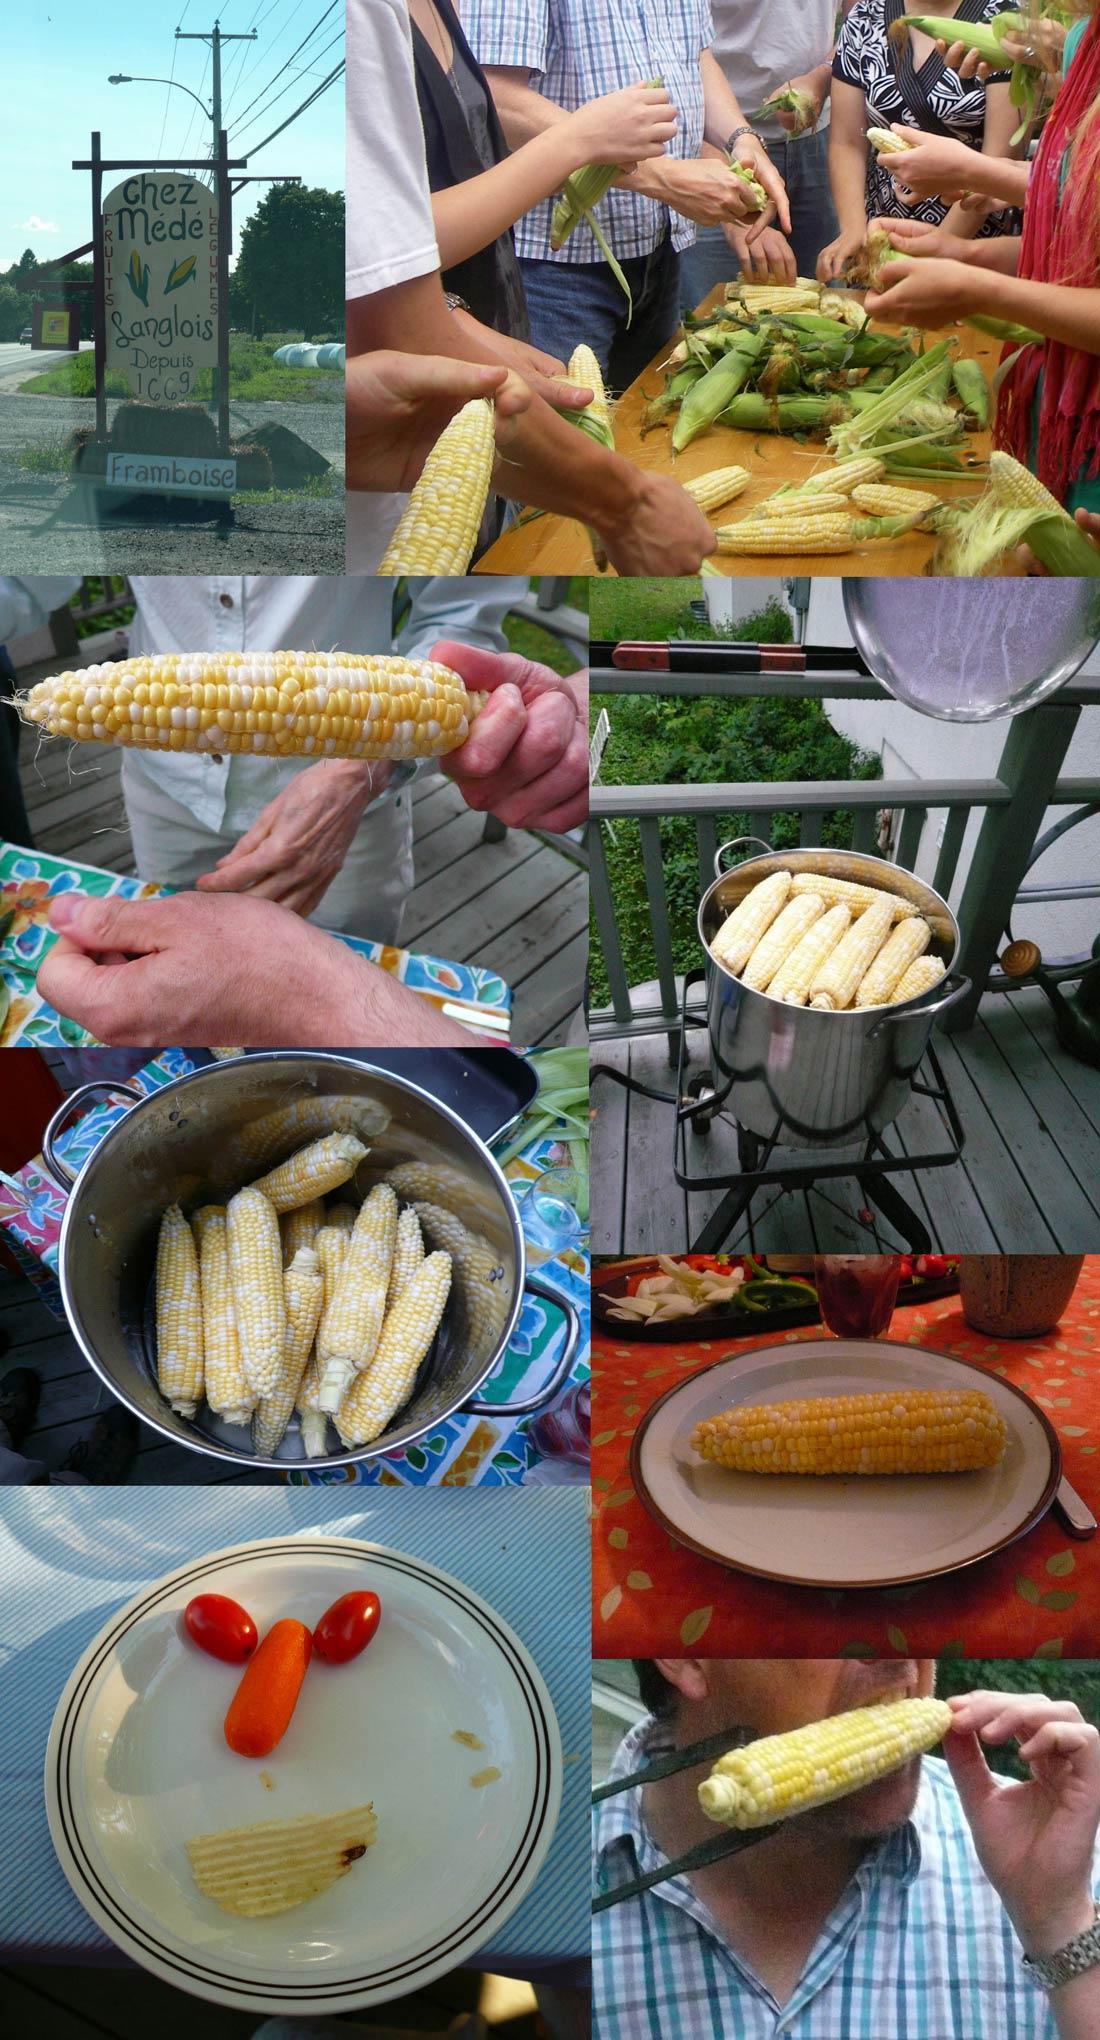 épluchette de blé d'Inde ou maïs